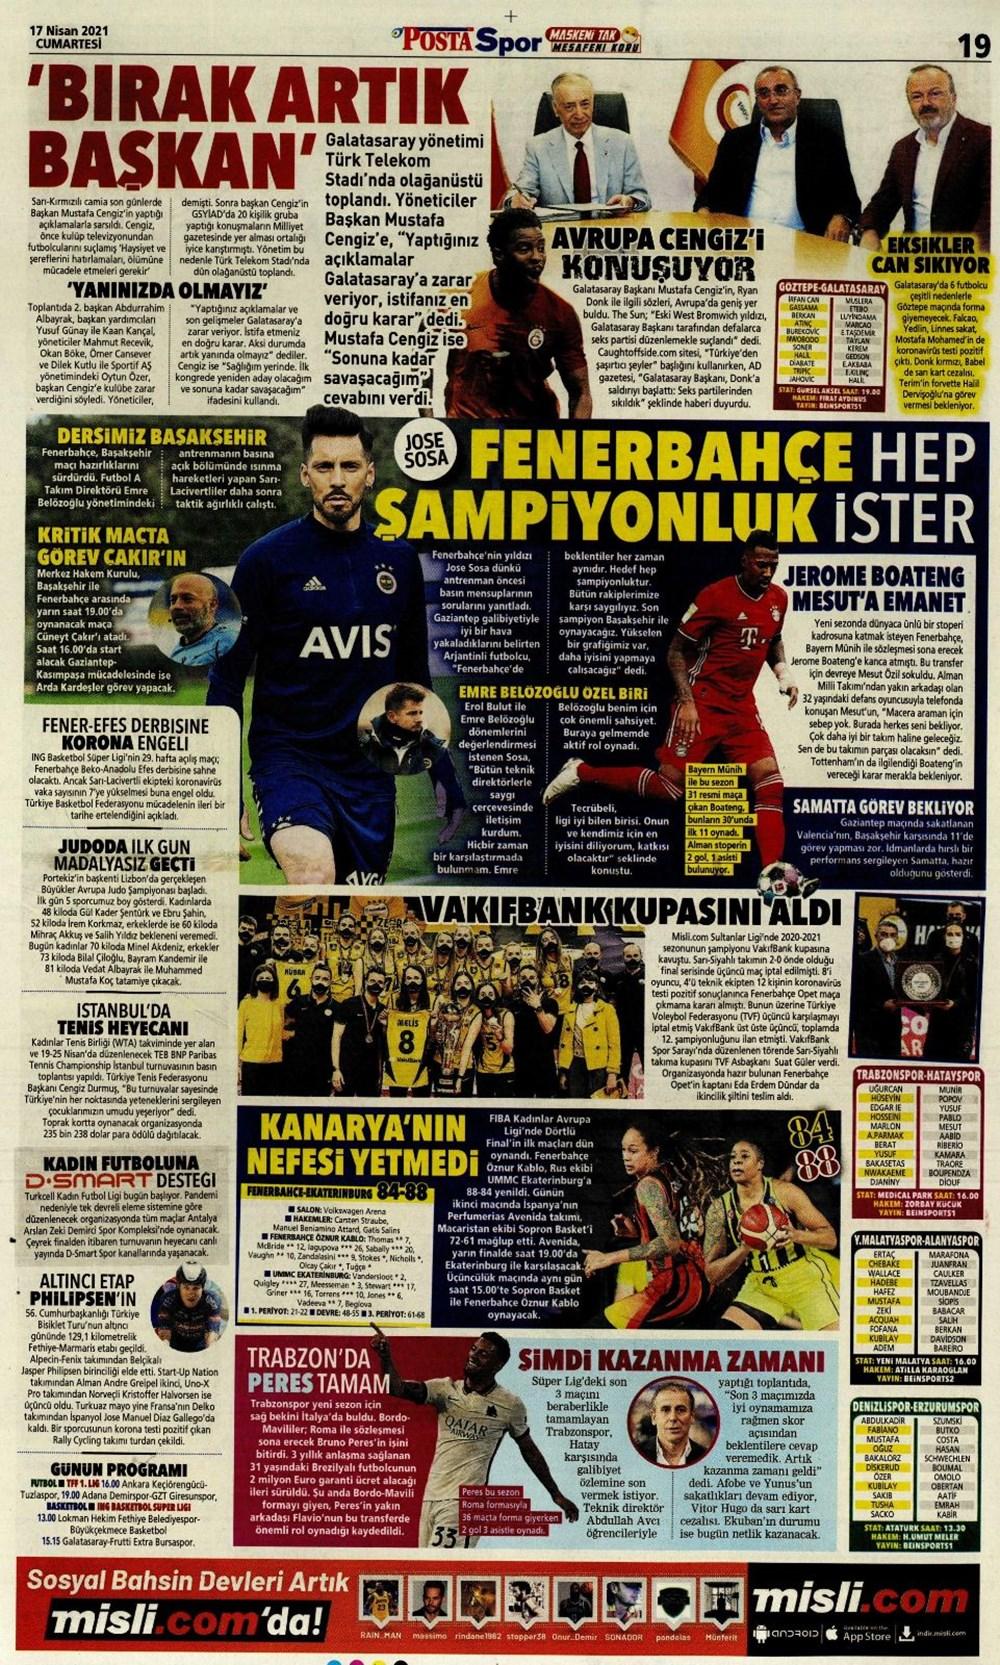 Günün spor manşetleri (17 Nisan 2021) - 16